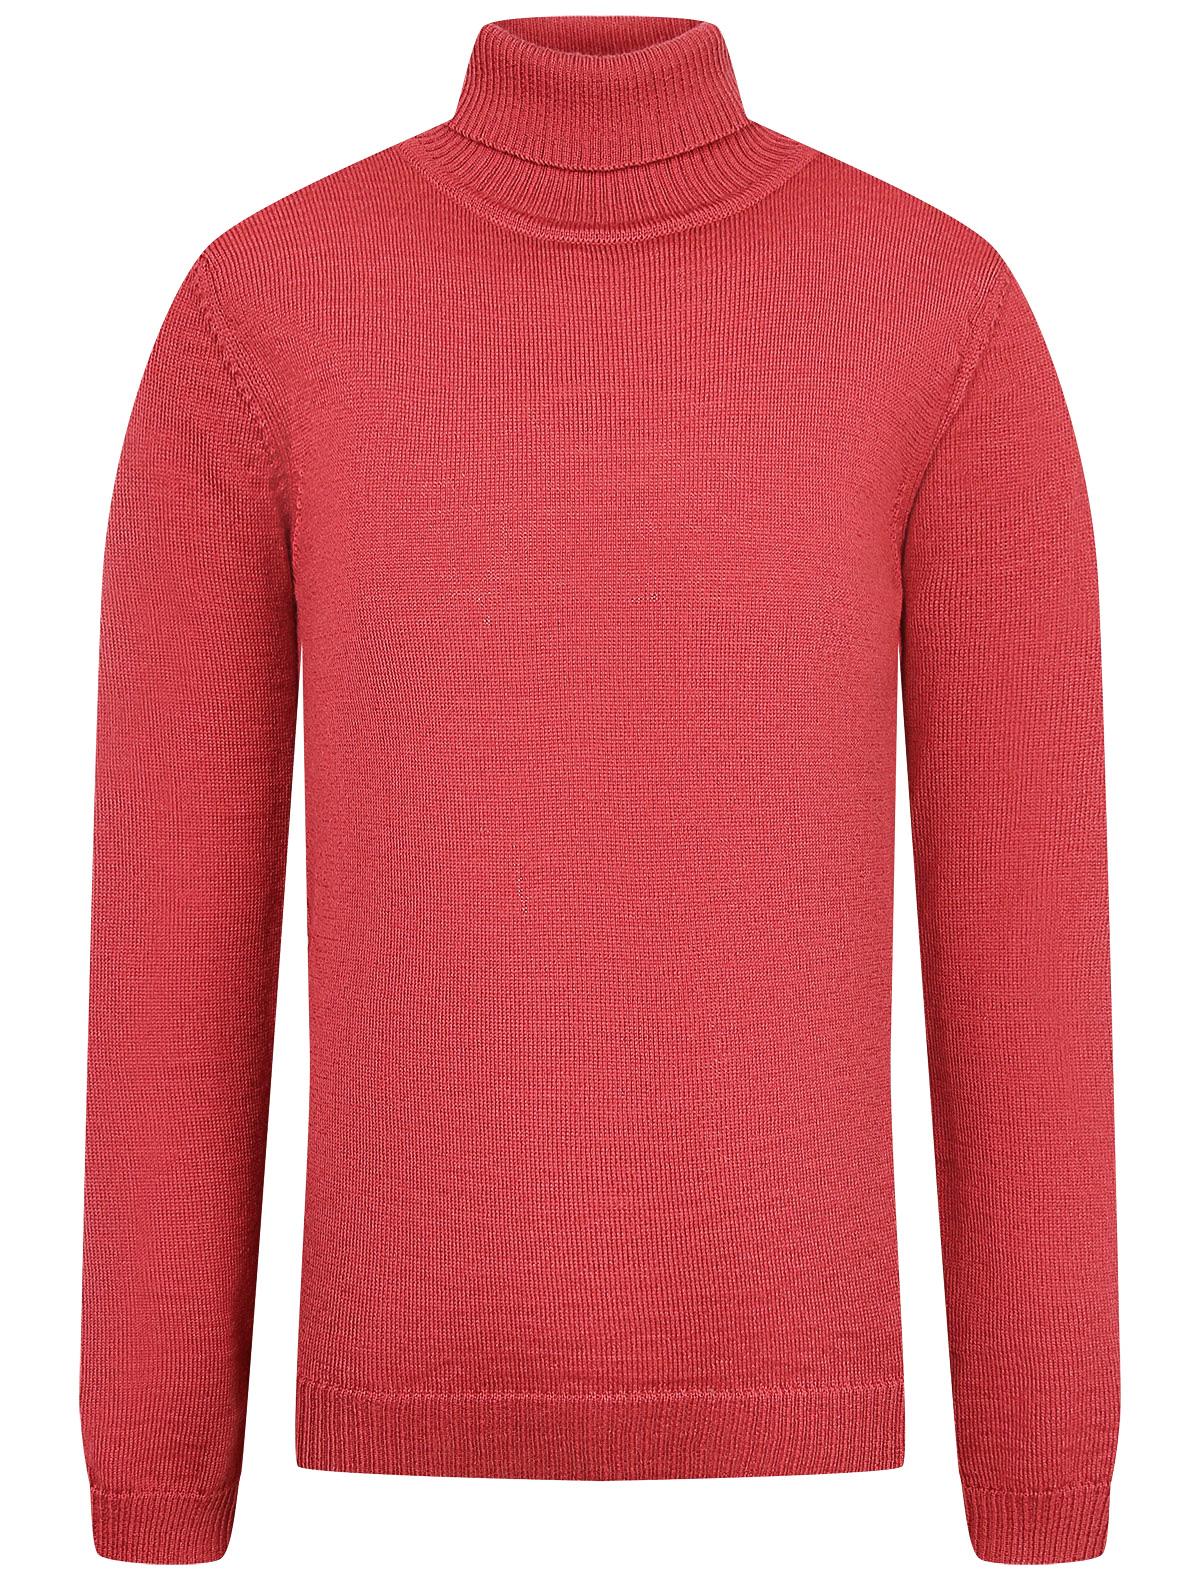 Купить 2256954, Водолазка Air wool, розовый, Женский, 1114509080544